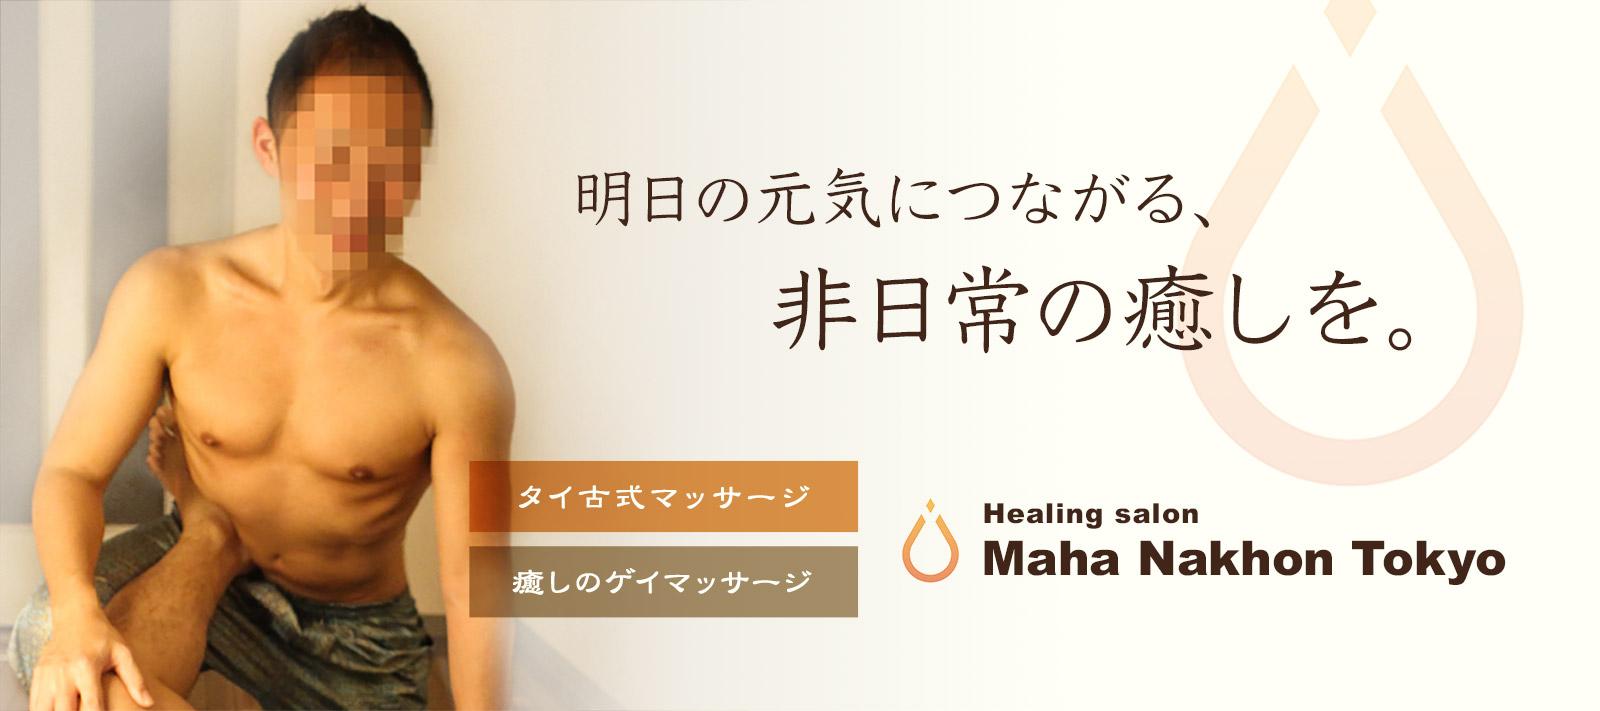 東京ゲイマッサージ専門店MahaNakhonTokyoはこちら